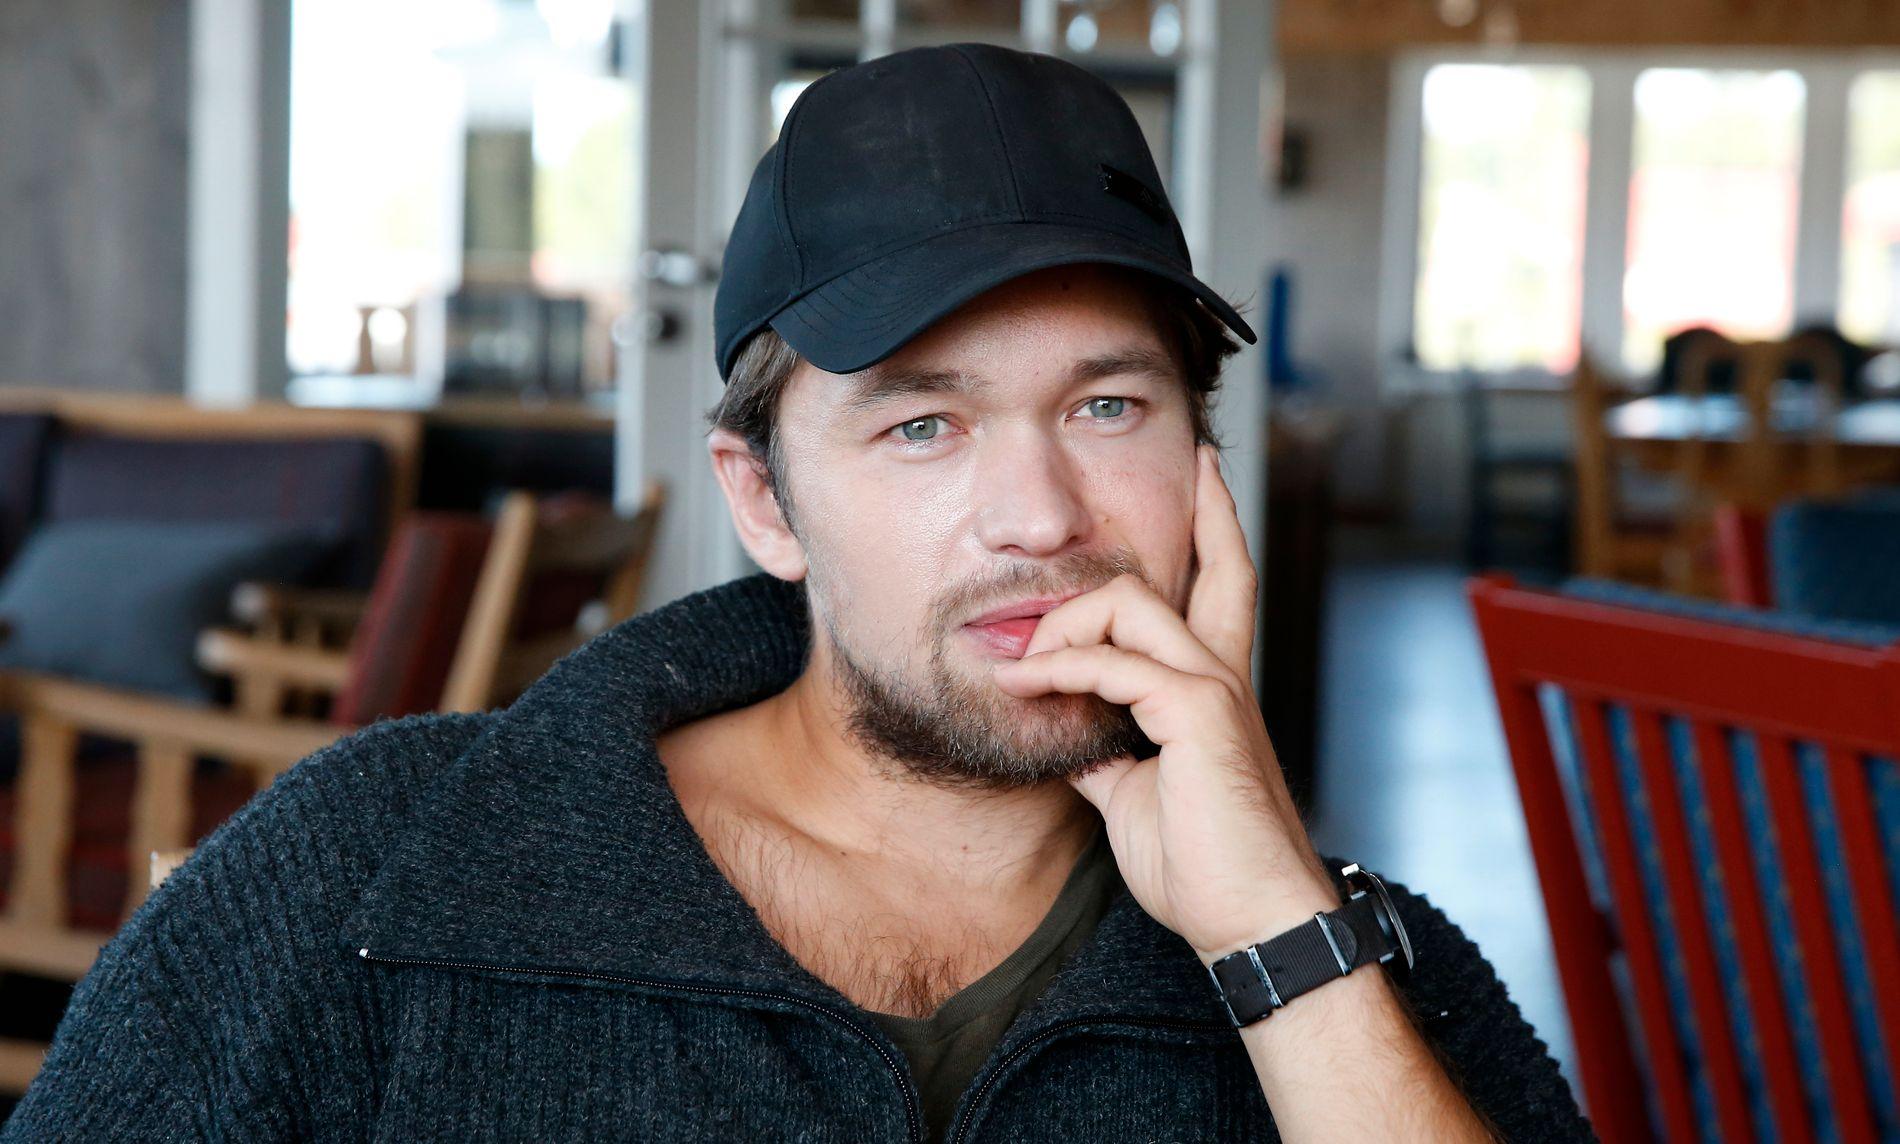 ENDELIG TILBAKE: Jakob Oftebro er svært takknemlig for å være tilbake på Gålå for å gjøre «Peer Gynt» etter ulykken: - Det har vært en veldig fin vei inn igjen, sier han.